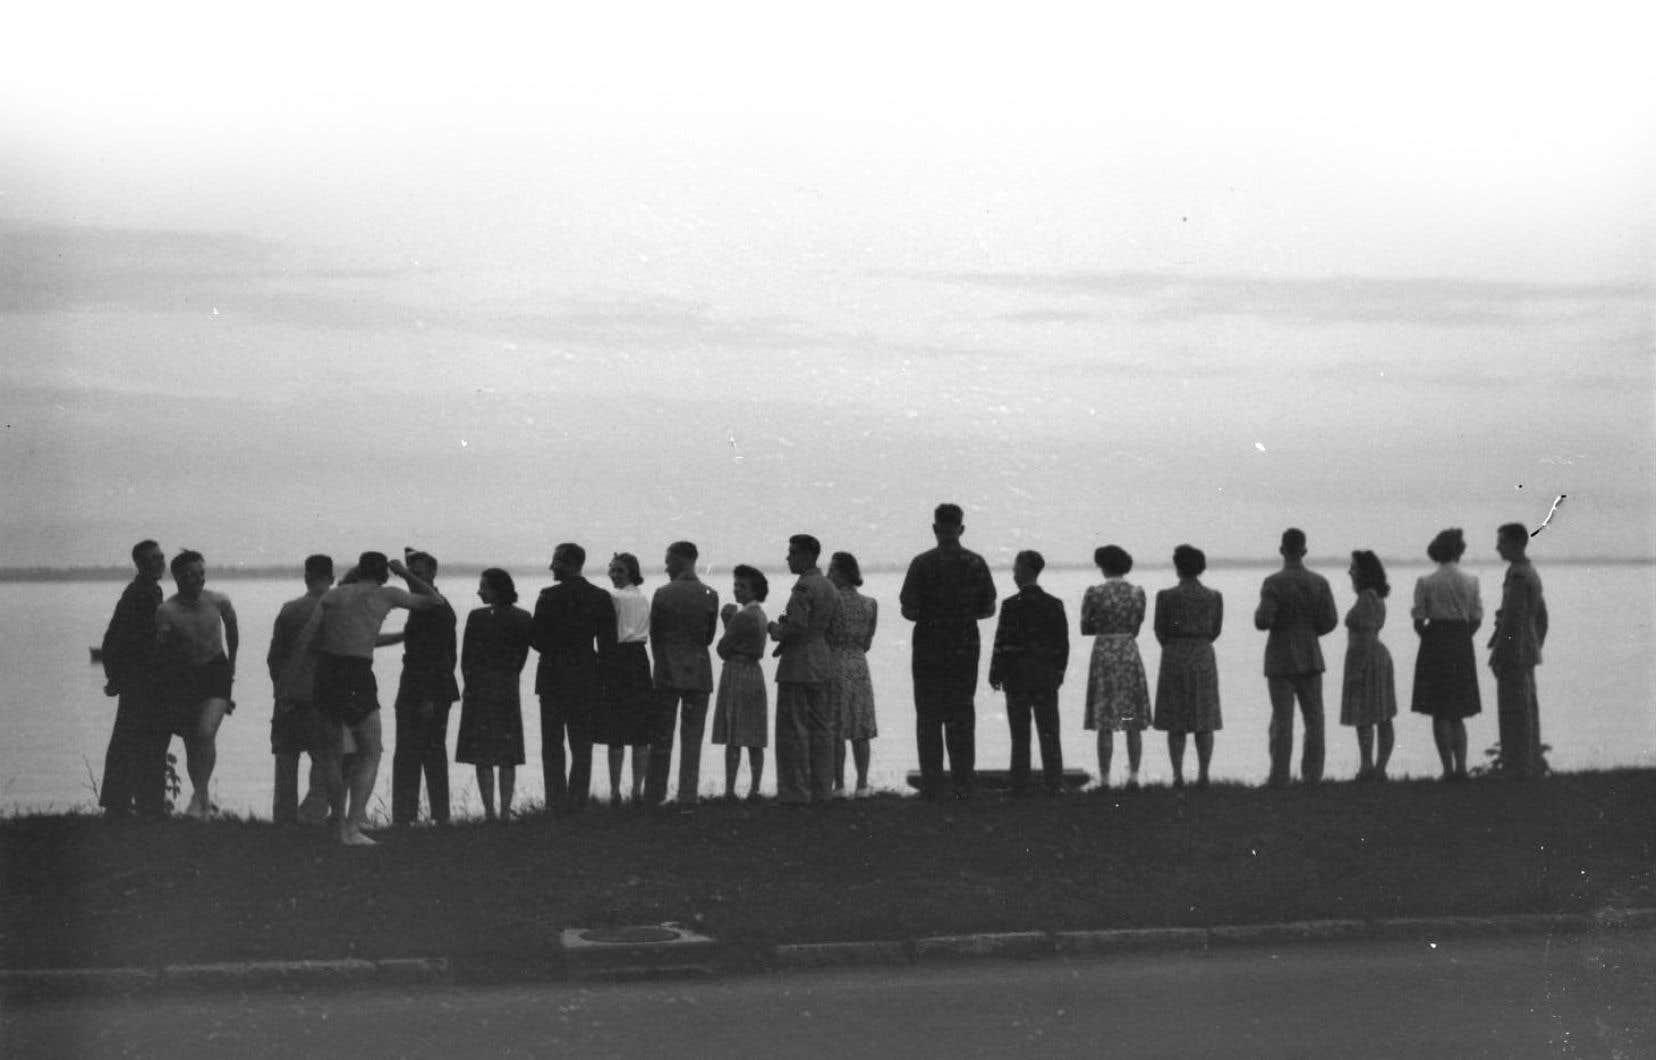 Photo datant du 17 juin 1942, prise par Conrad Poirier (1912-1968)